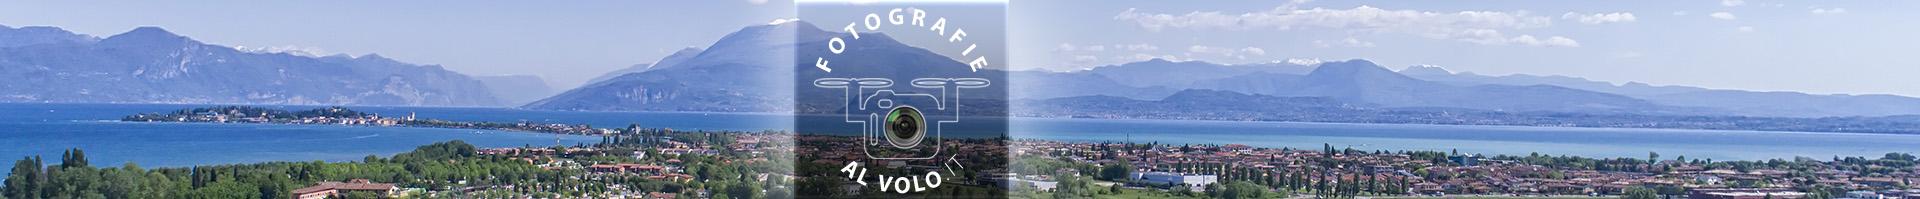 Fotografie Al Volo! Riprese aeree con drone - Tobia Fattori